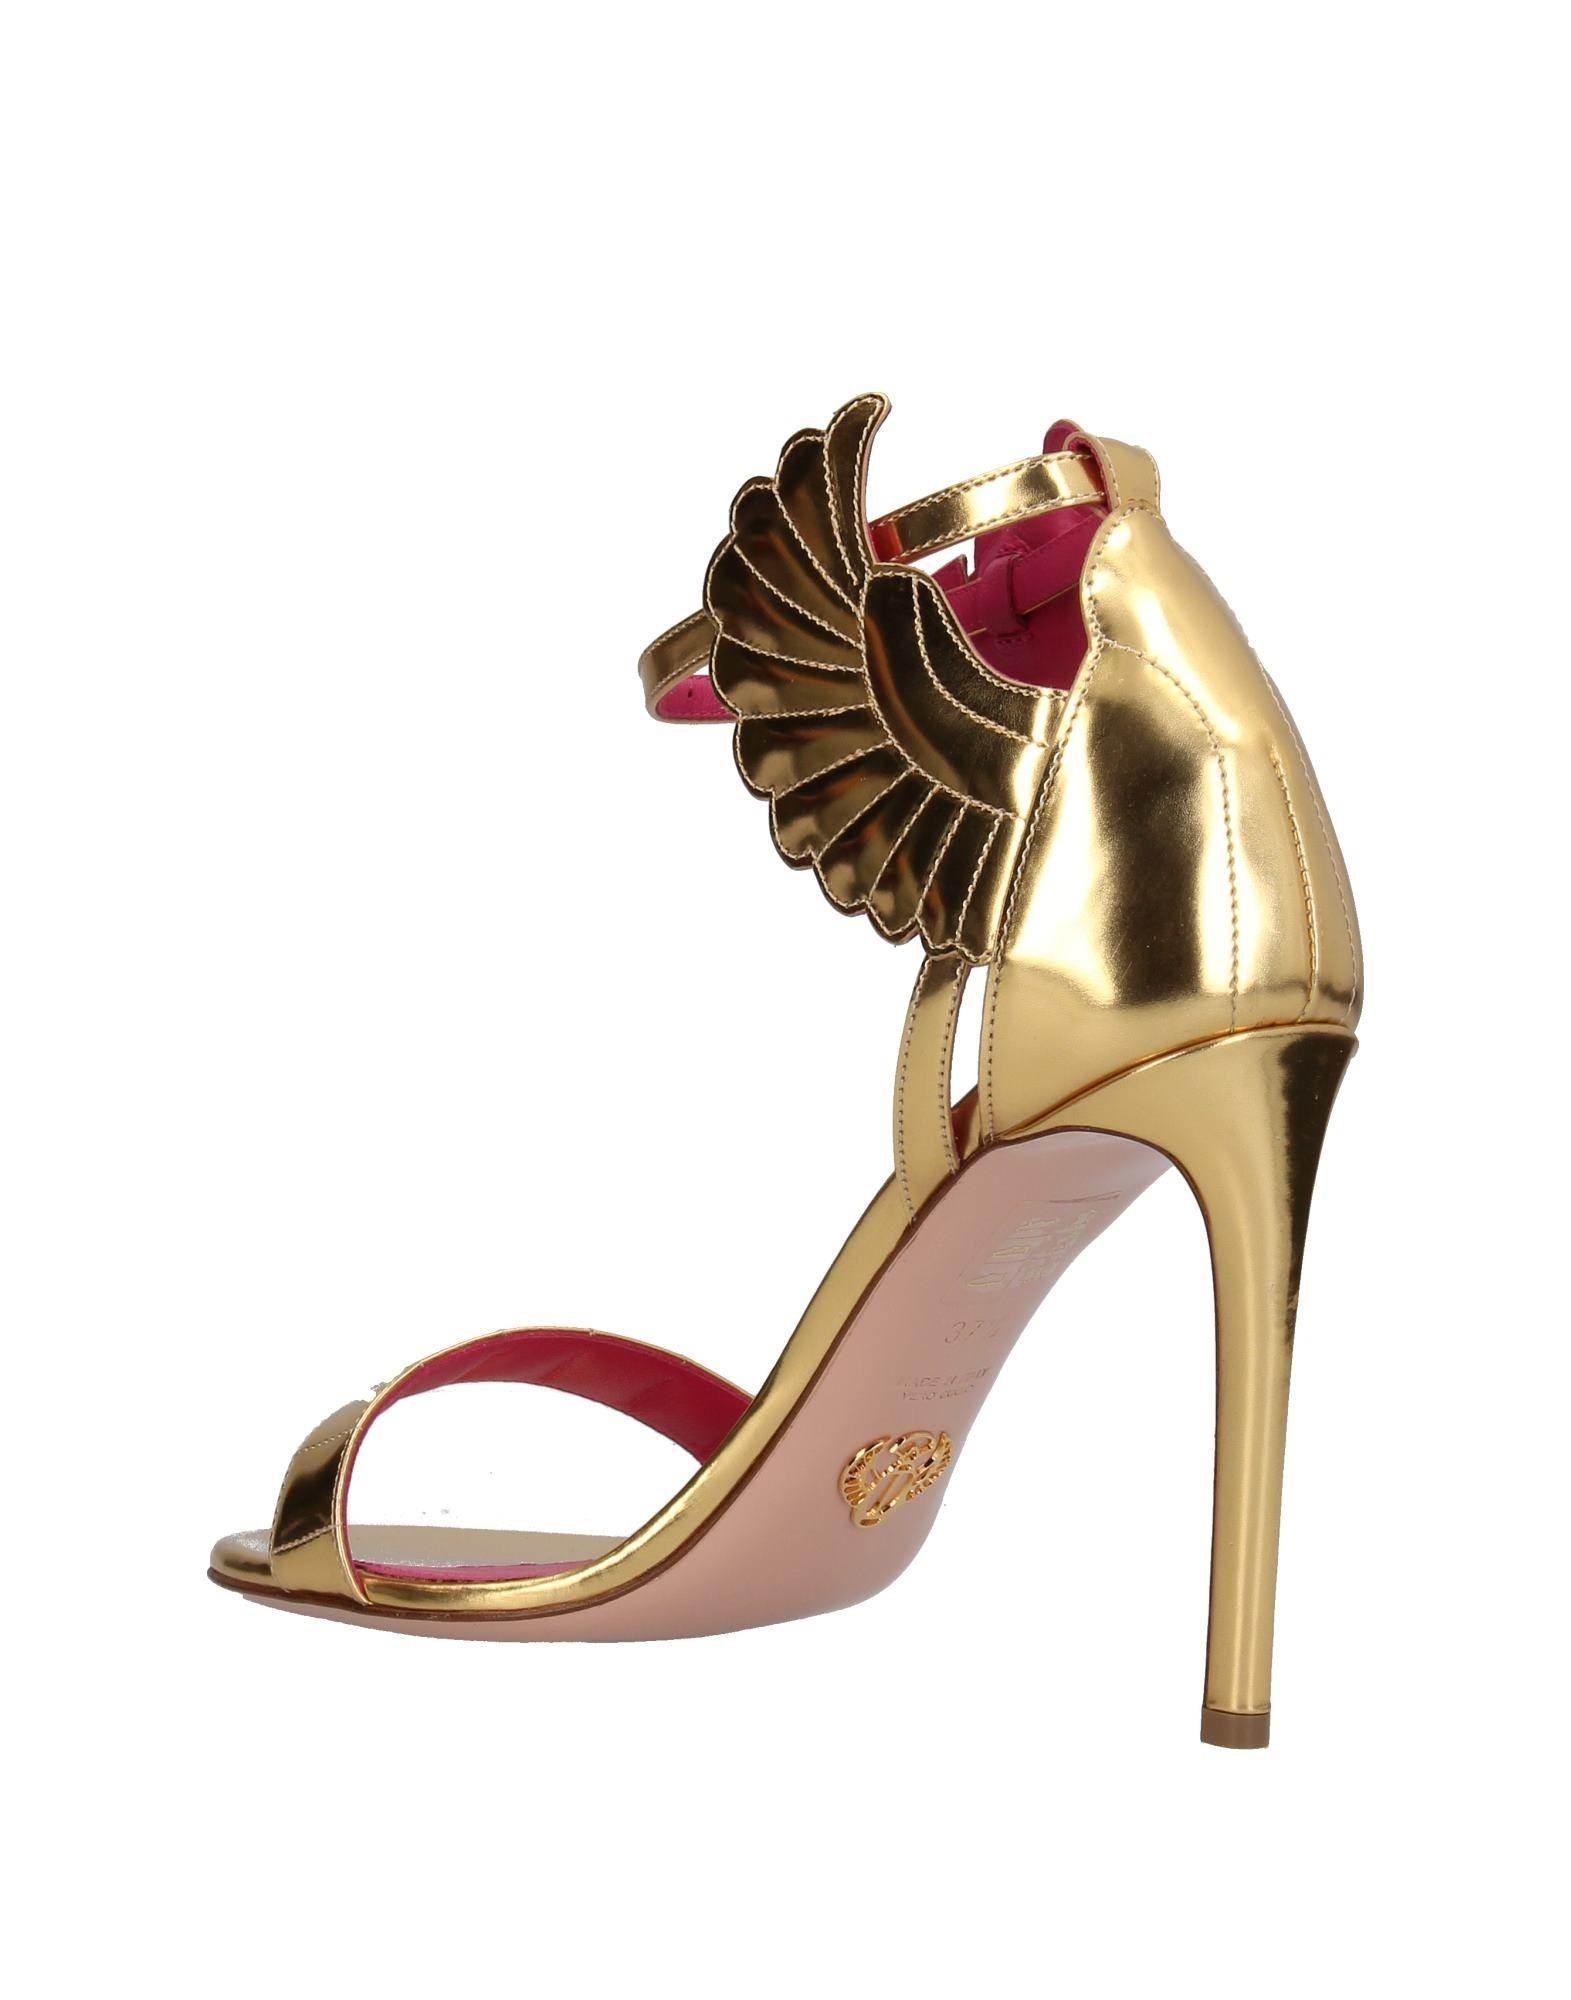 Sandales Oscar Tiye Femme - Sandales Oscar Tiye sur